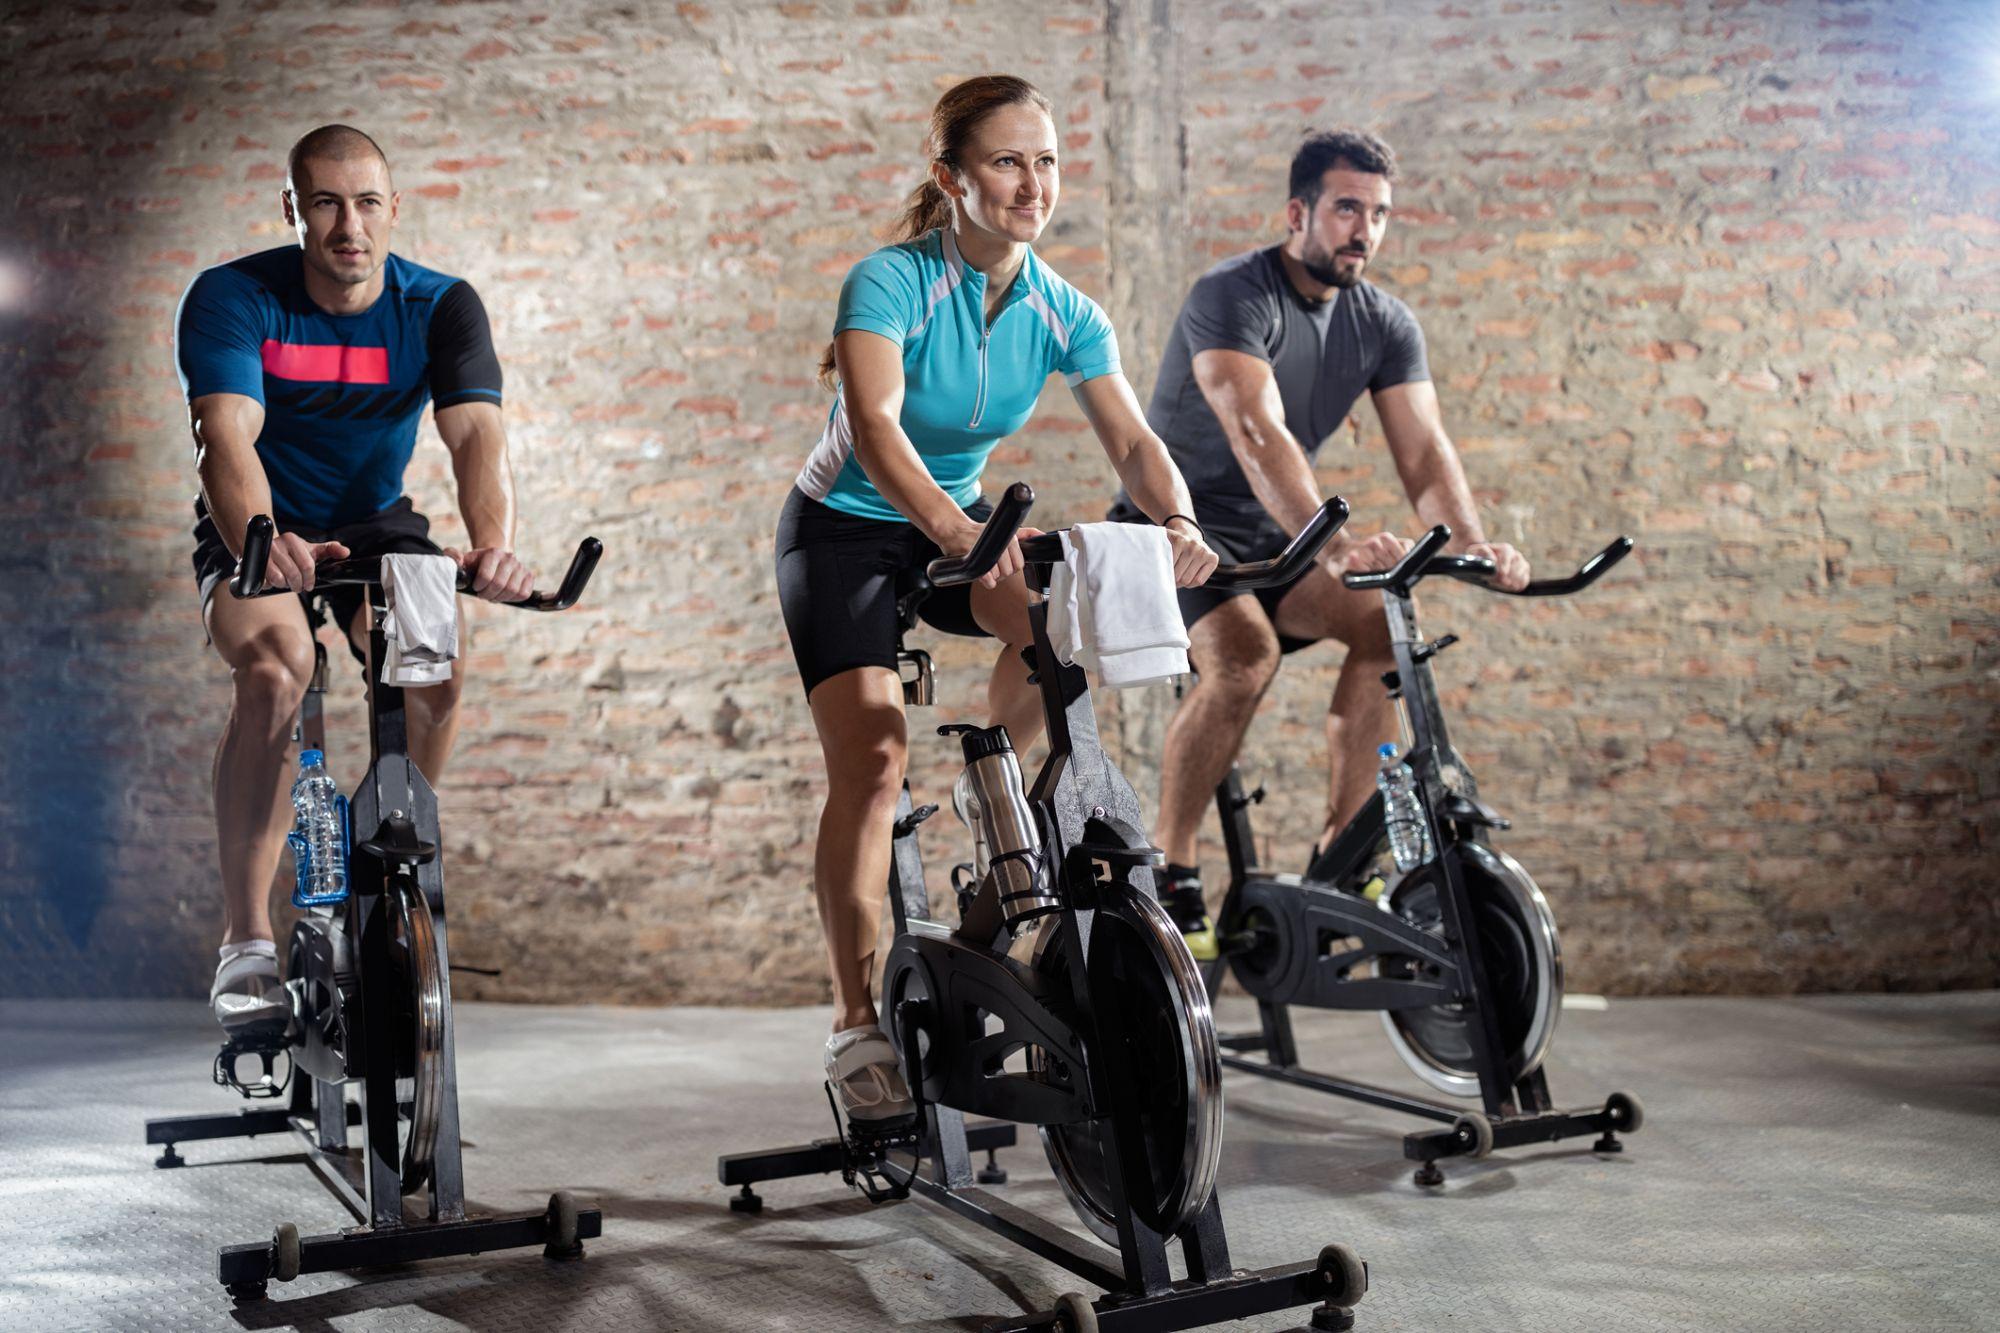 Spinning Czyli ćwiczenia Na Rowerze Stacjonarnym Wformie24pl